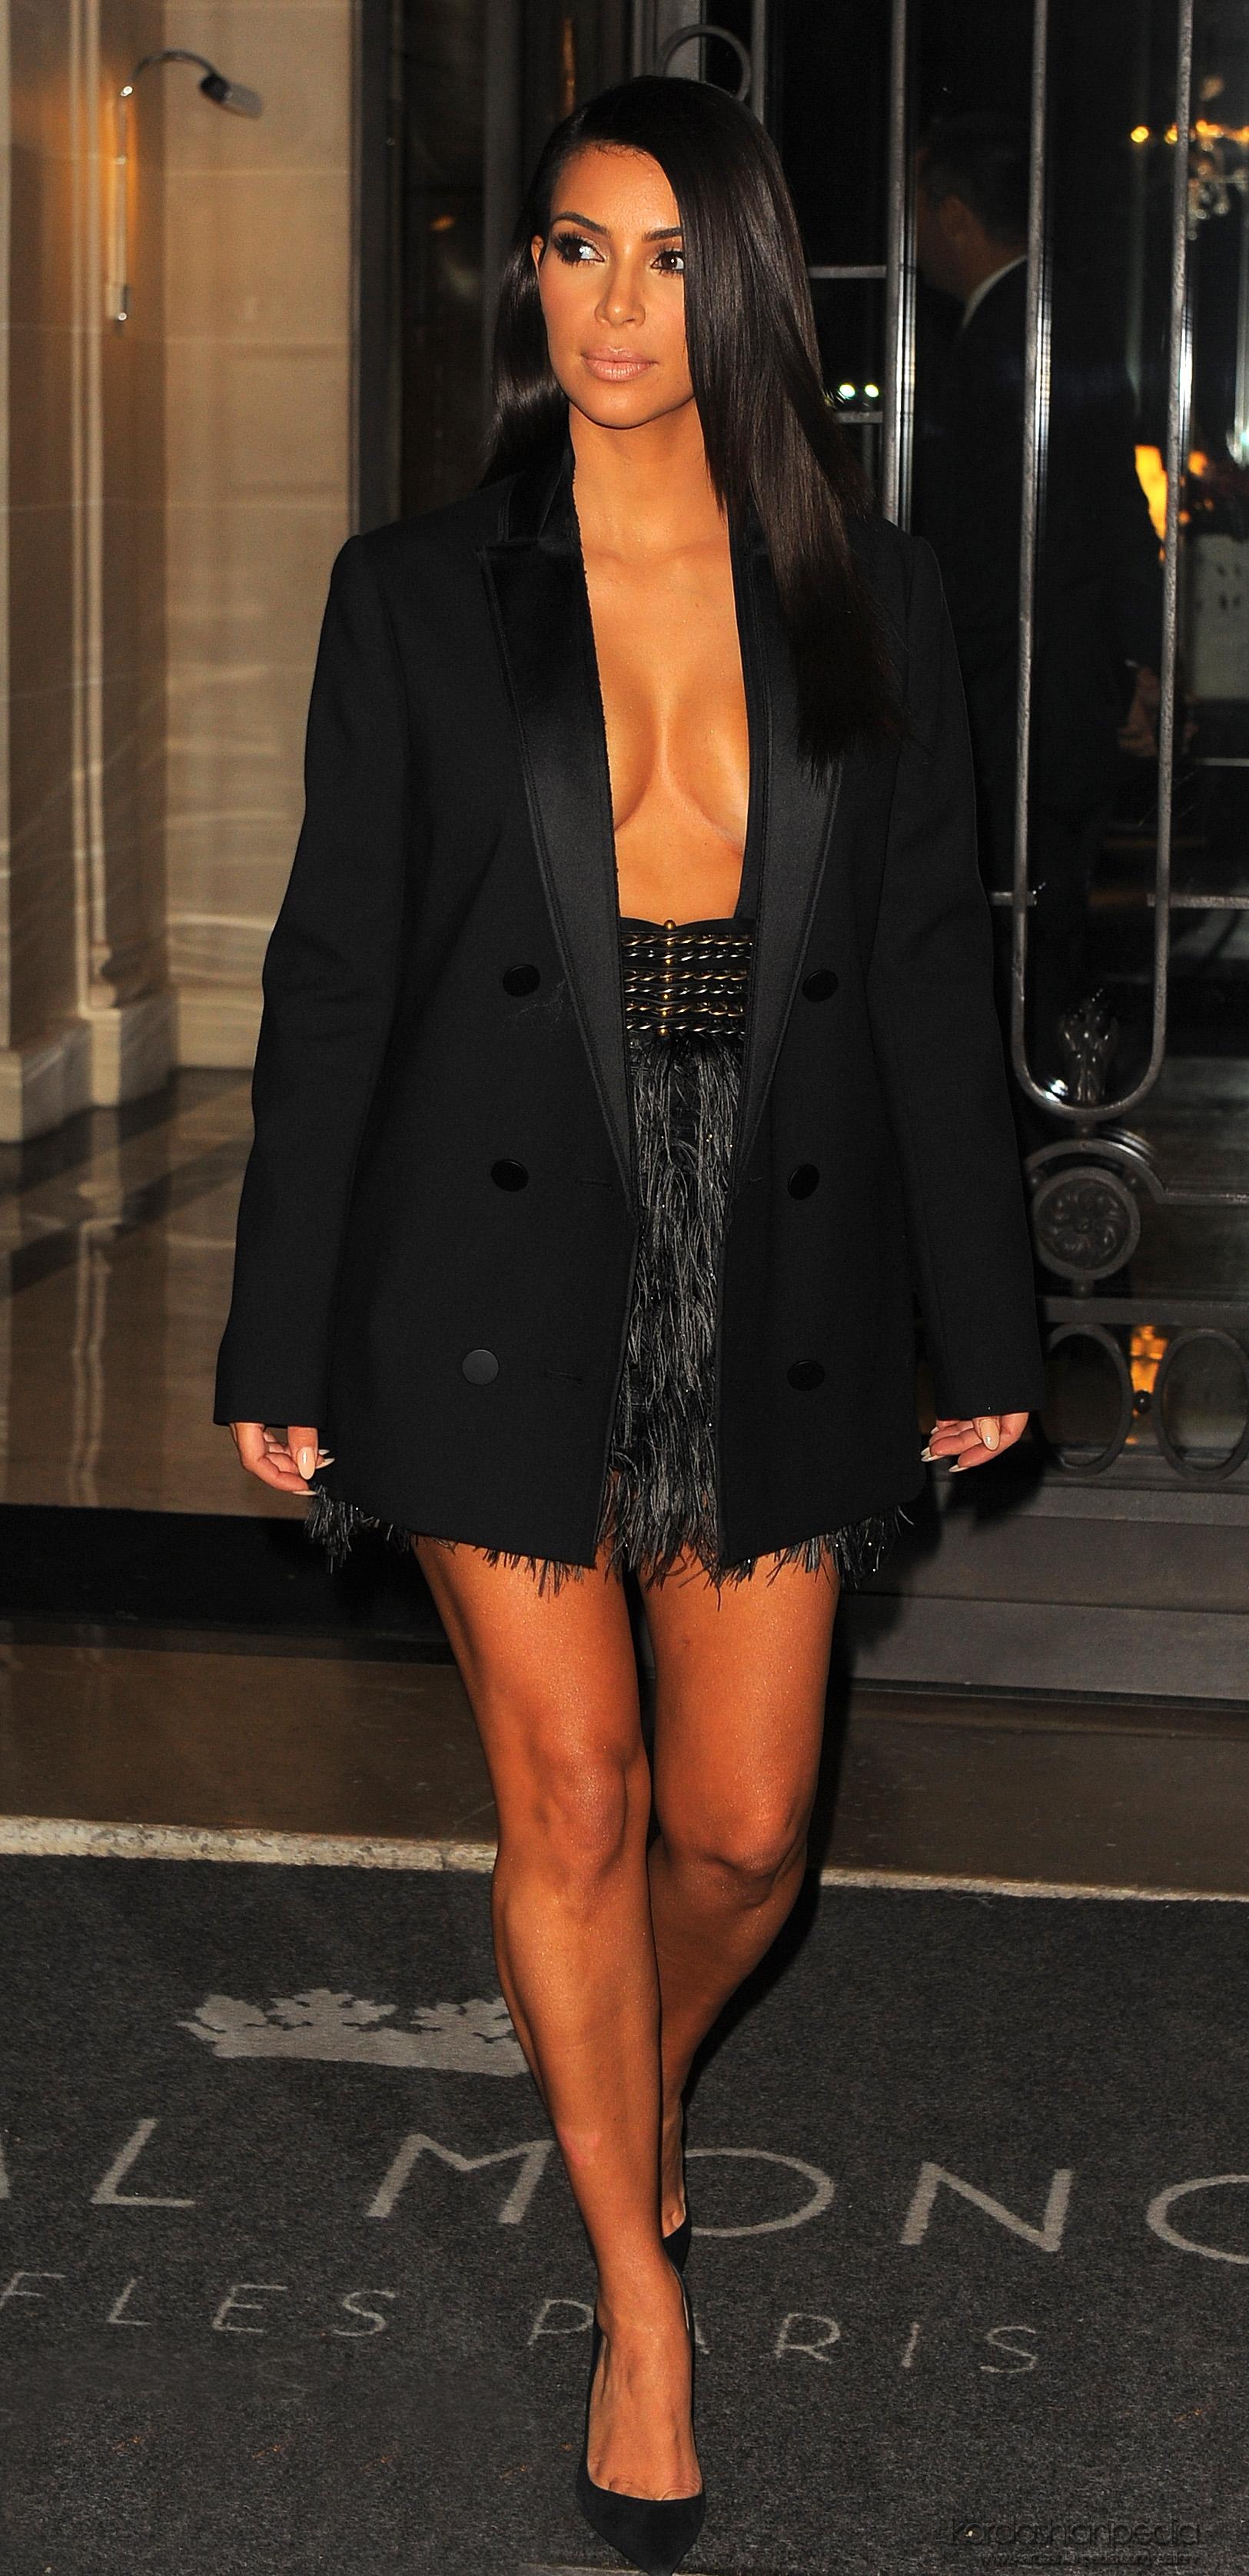 Kim Kardashian Lanvin Ss 2015 Pfs 31 Gotceleb